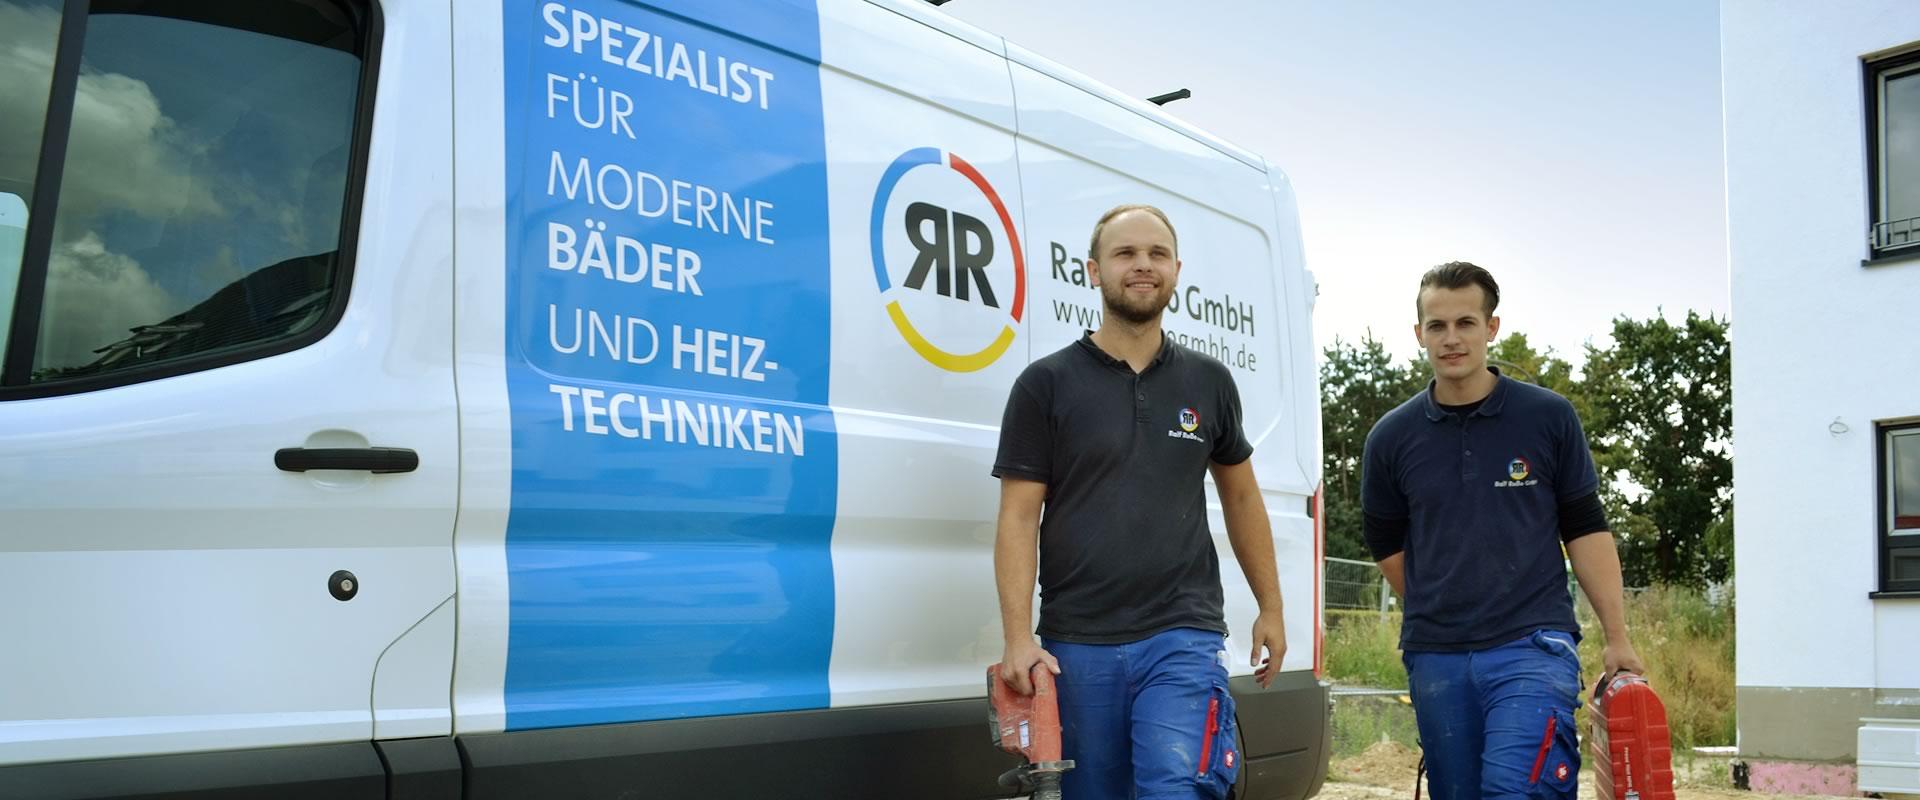 <a href='https://www.ralfrosso.biz/karriere/ausbildung/'>Starte Deine Karriere <em> bei Ralf Roßo, Teil der HANNES Unternehmensgruppe »</em></a>